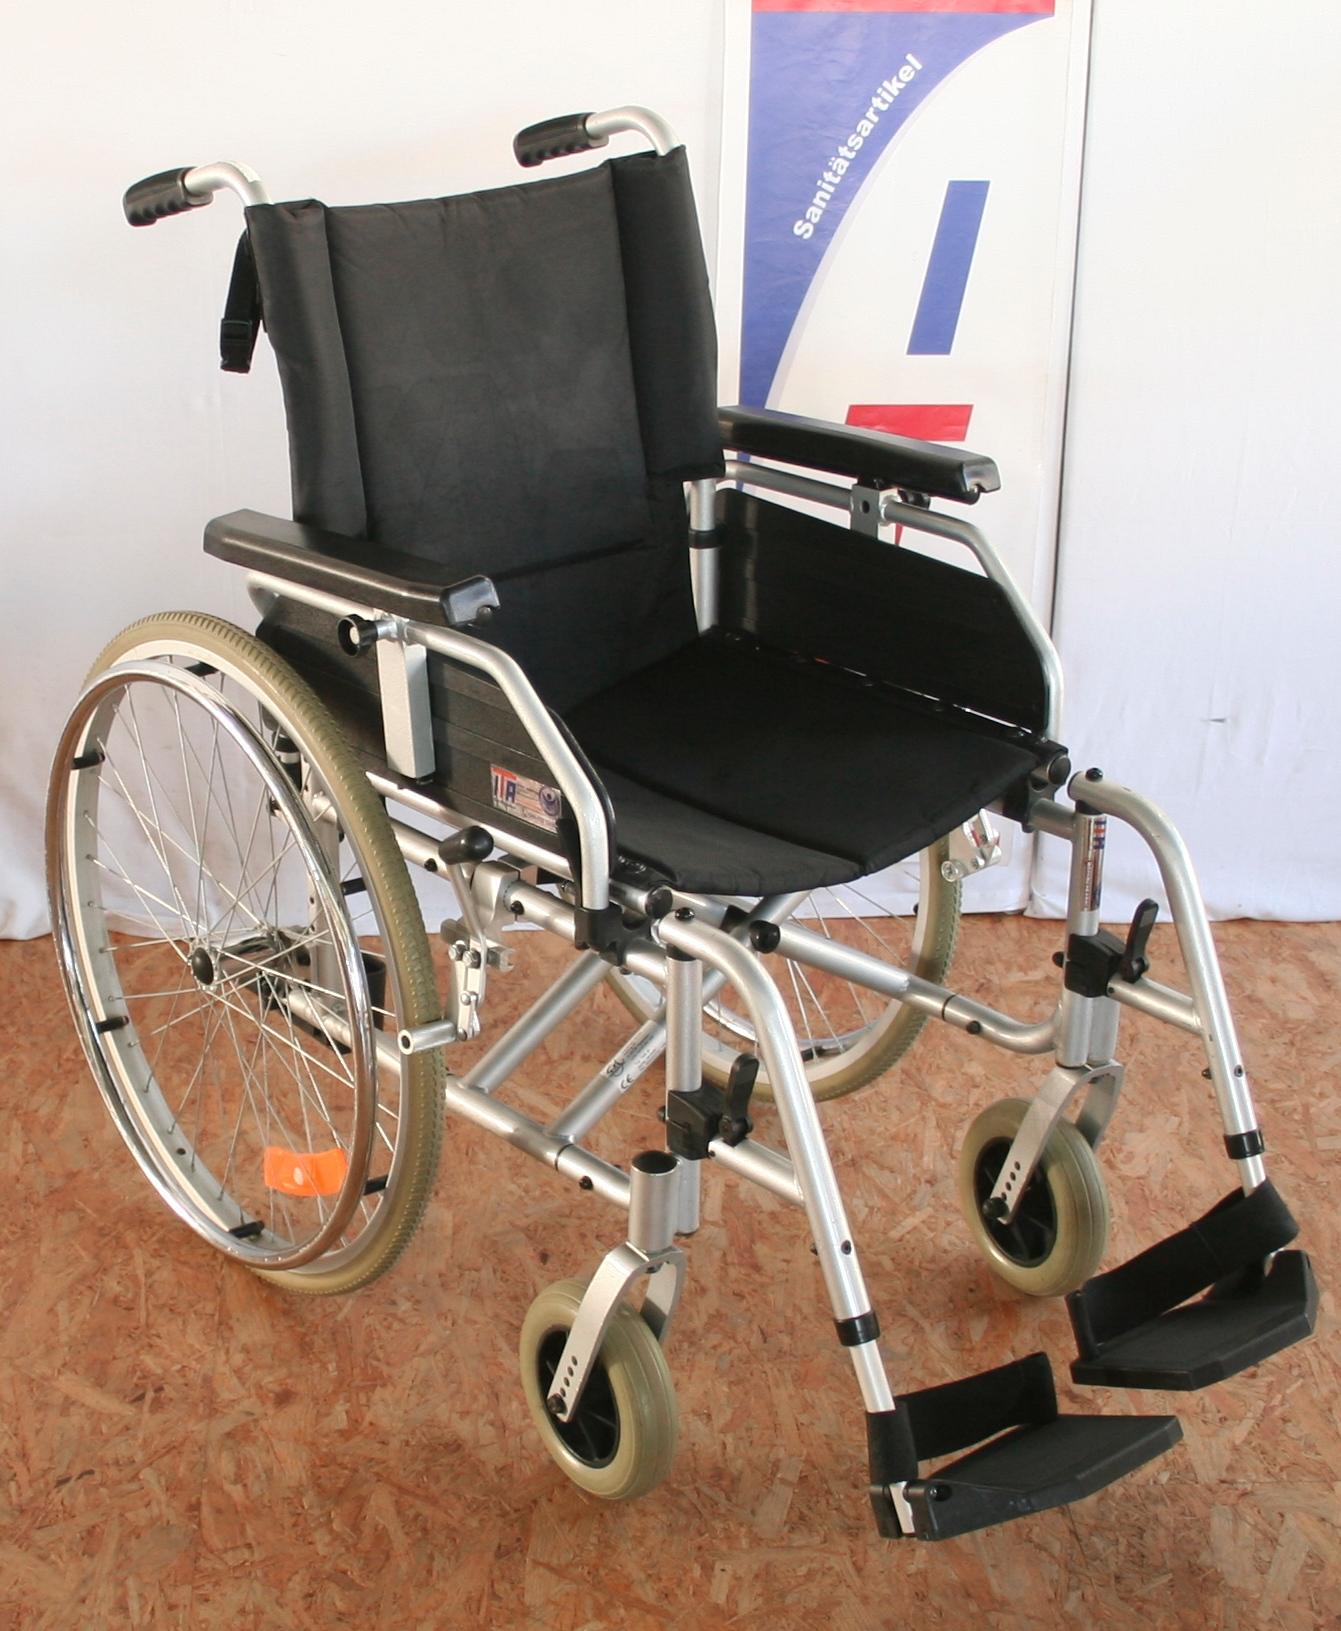 faltrollst hle rollst hle mobilit t ita sanit tsartikel gebrauchte neue hilfsmittel zu. Black Bedroom Furniture Sets. Home Design Ideas